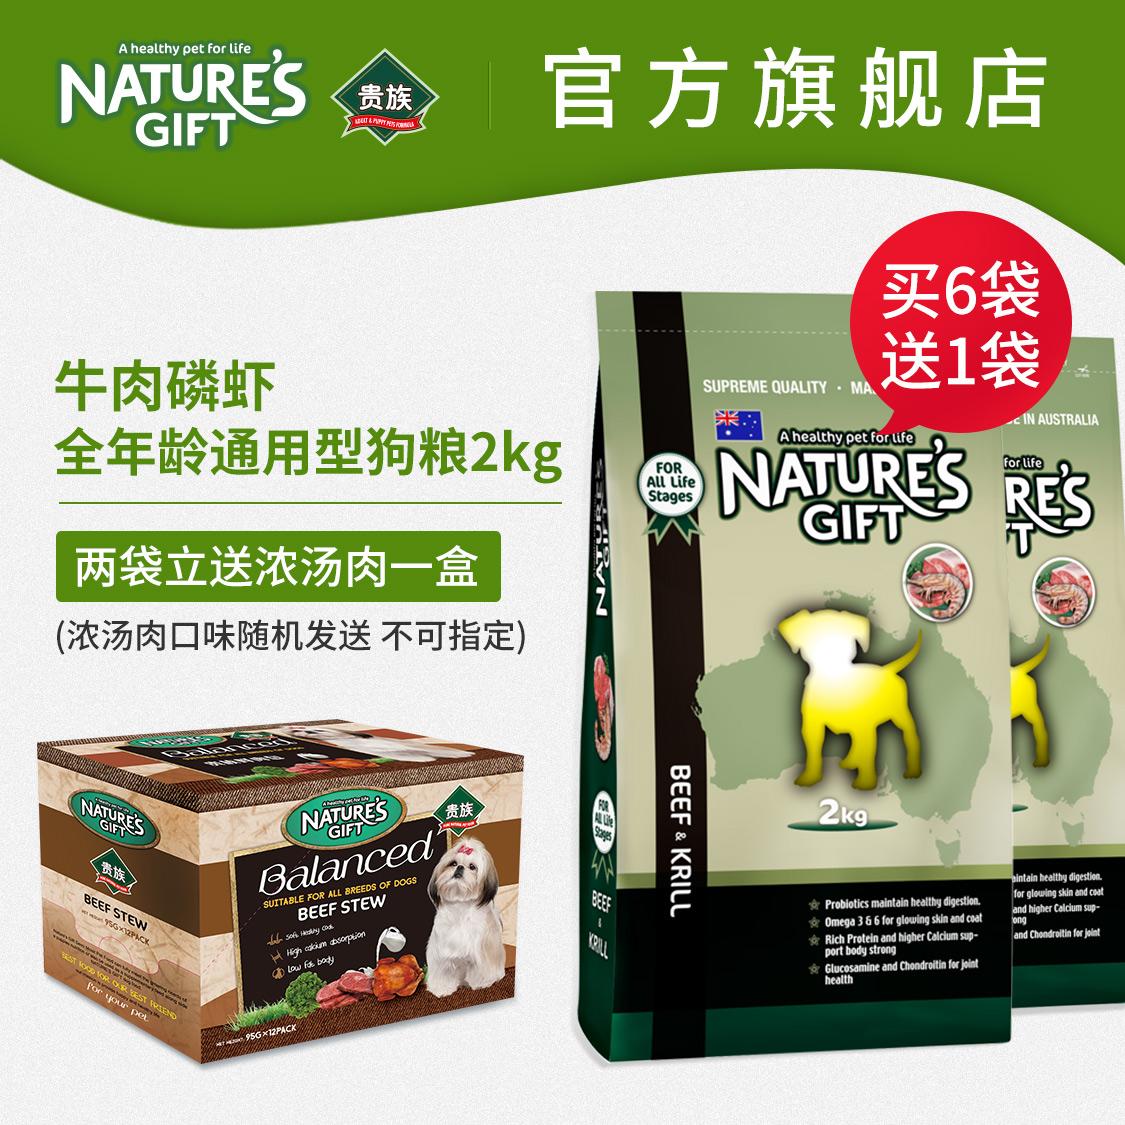 澳洲配方贵族狗粮 边牧泰迪比熊博美牛肉磷虾2kg 全犬期通用狗粮